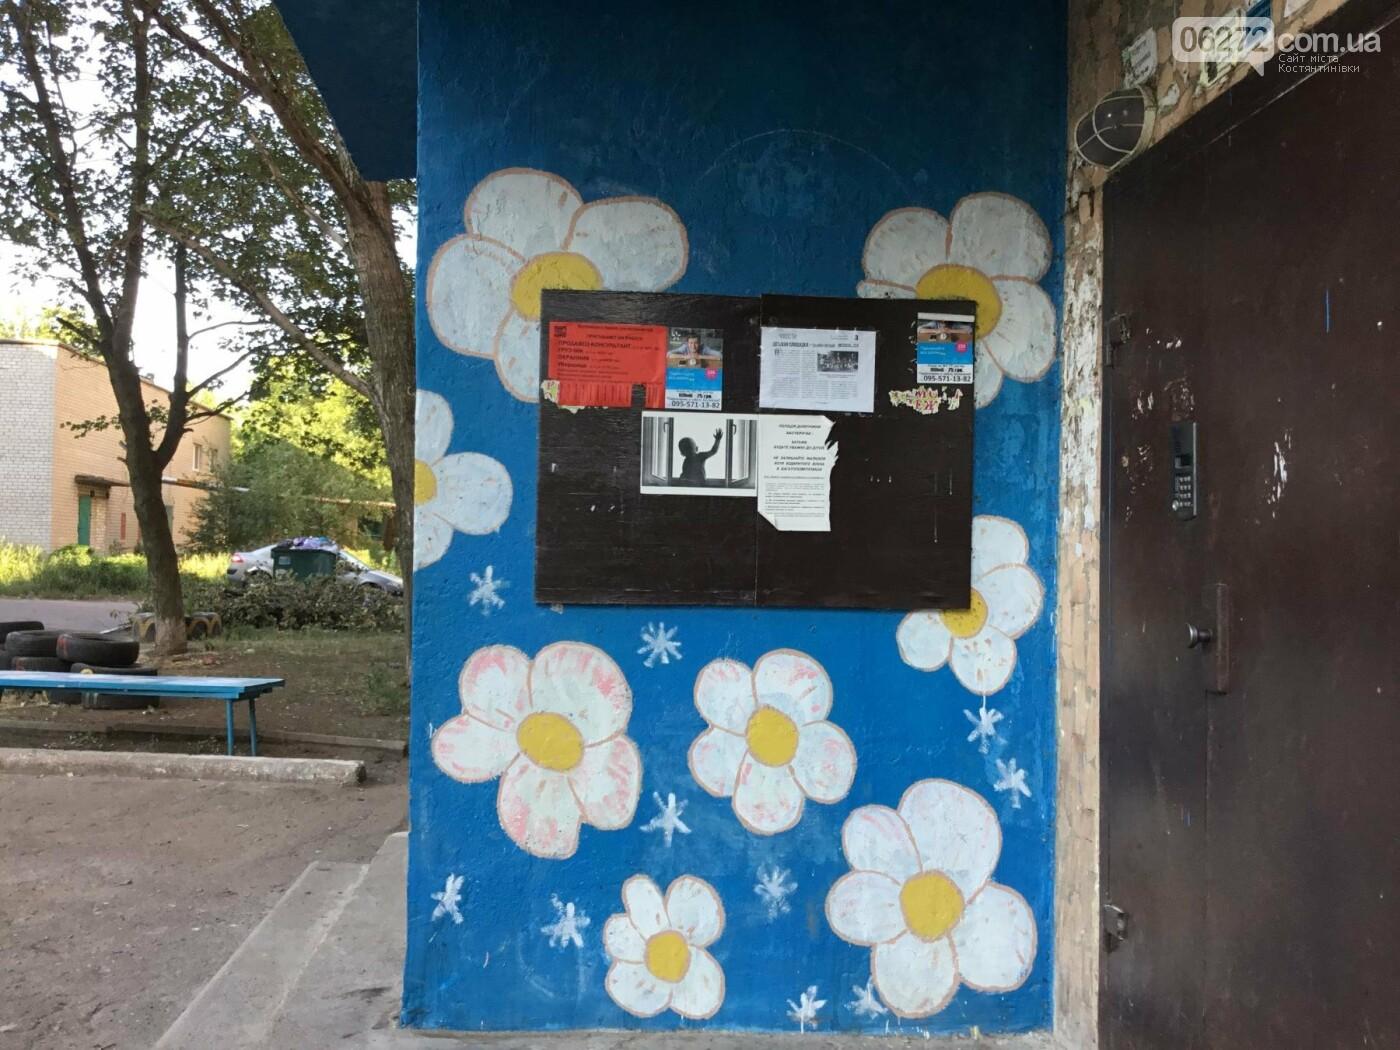 В Константиновке по ул. Безнощенко молодежь сделала спортивную площадку для детей, фото-21